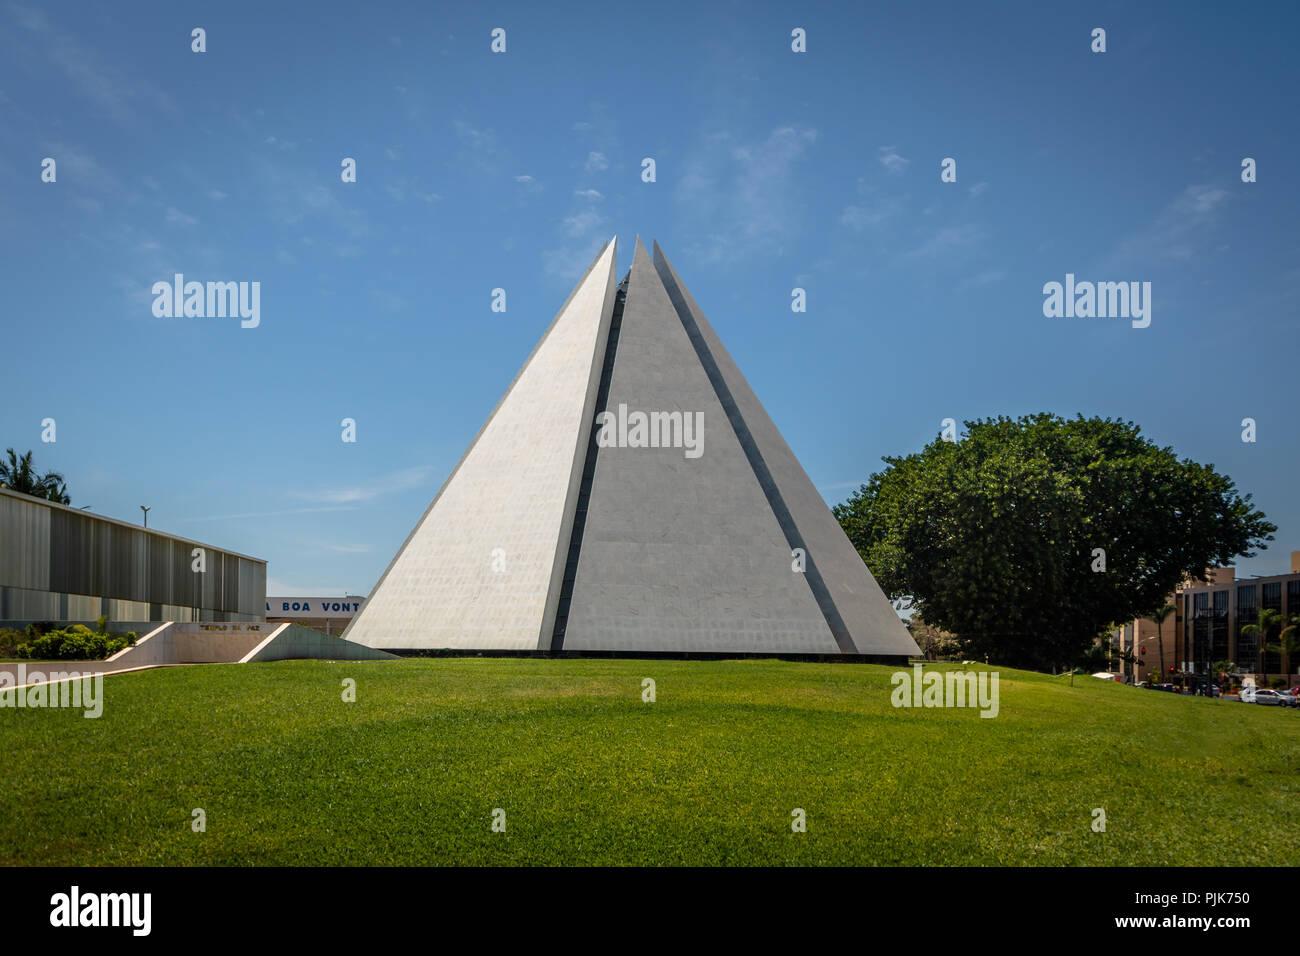 Temple of Good Will (Templo da Boa Vontade) - Brasilia, Distrito Federal, Brazil - Stock Image